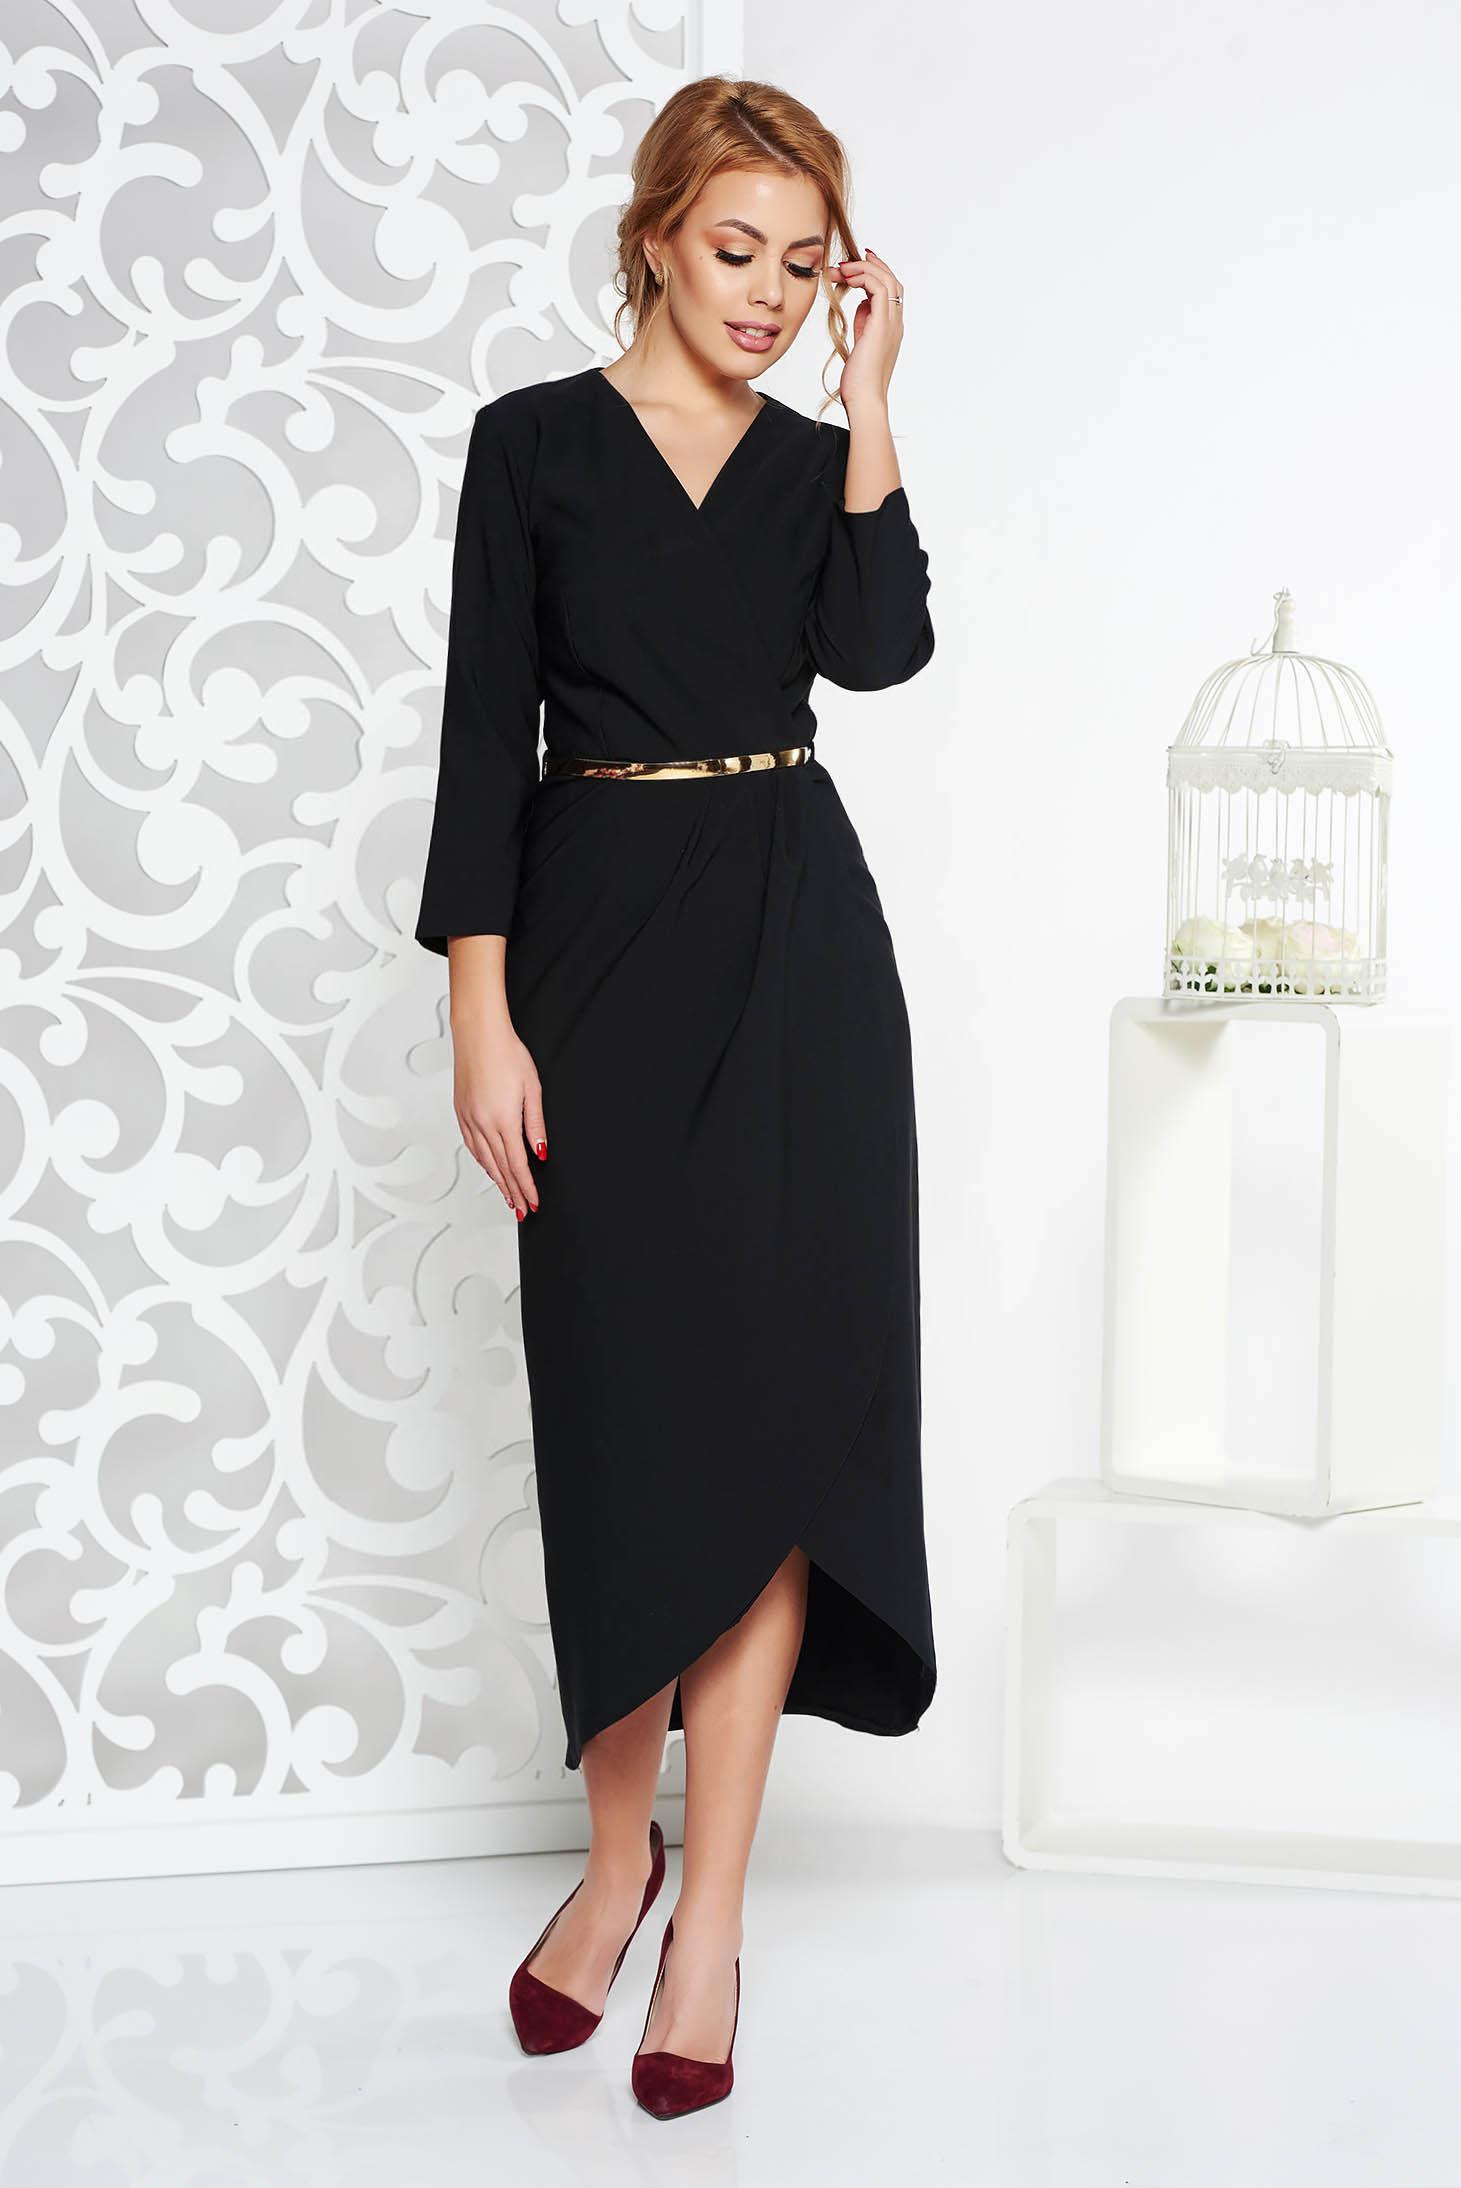 Rochie neagra eleganta din stofa subtire usor elastica captusita pe interior cu accesoriu tip curea